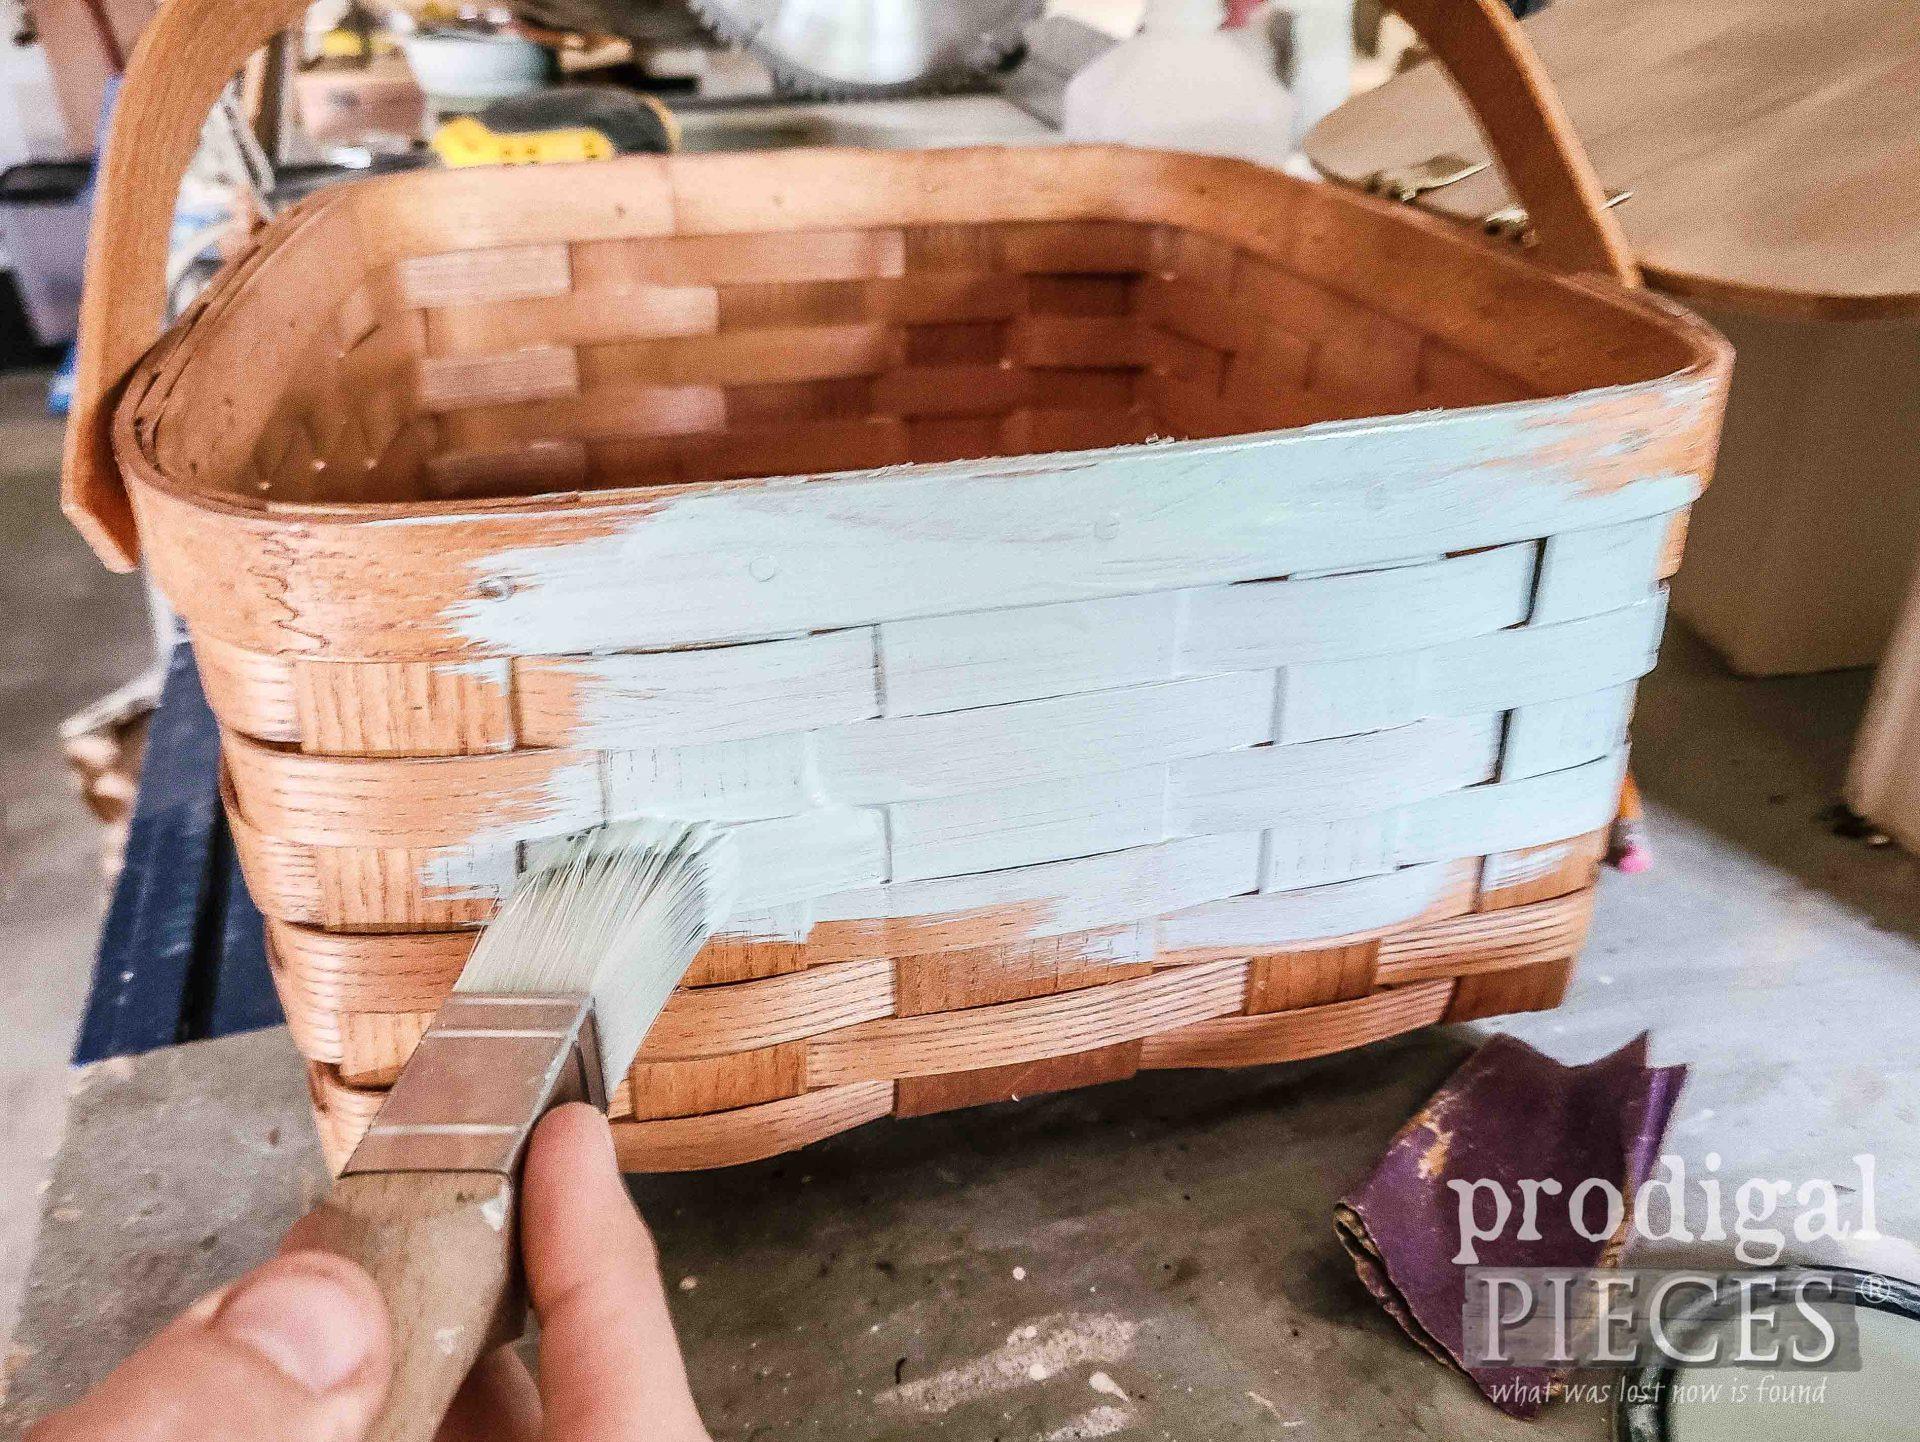 Painting Upcycled Picnic Basket Base | prodigalpieces.com